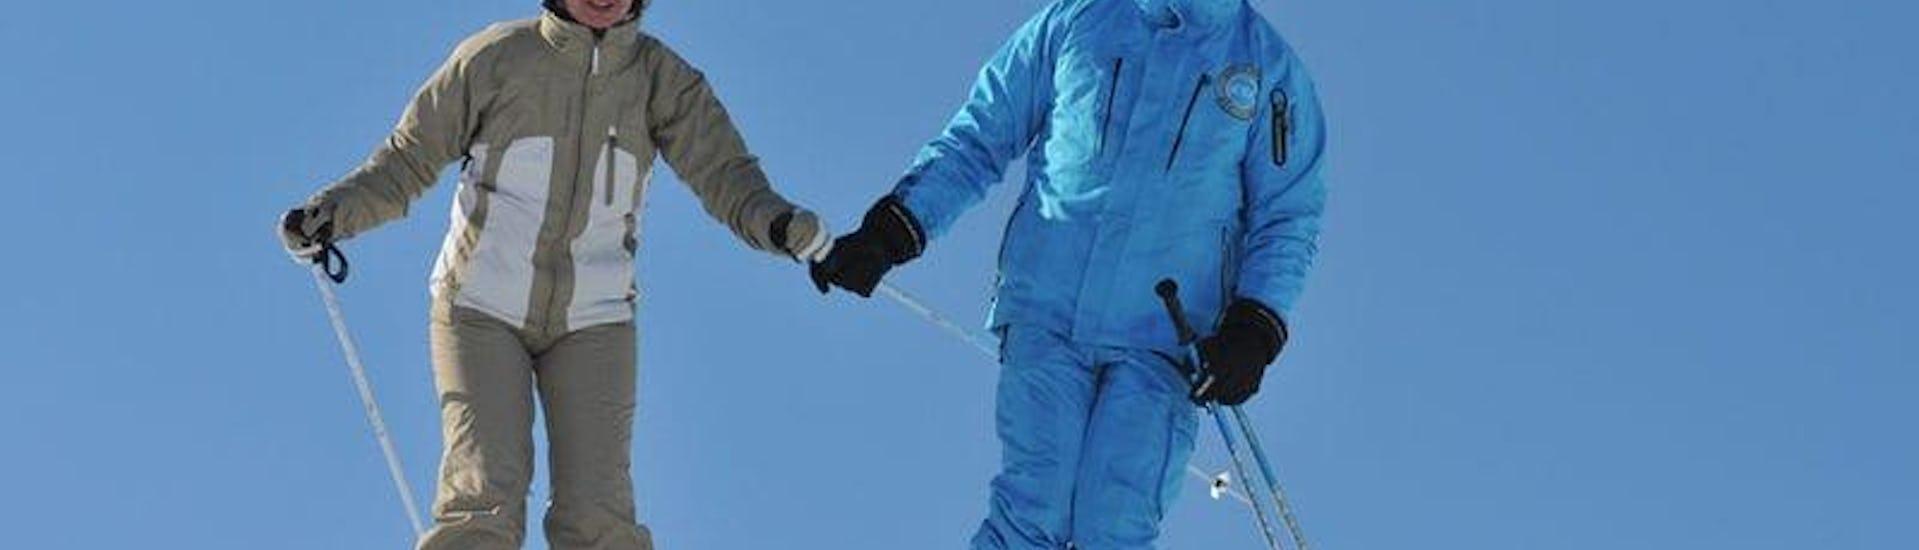 Moniteur de Ski Privé pour Adultes - Basse Saison